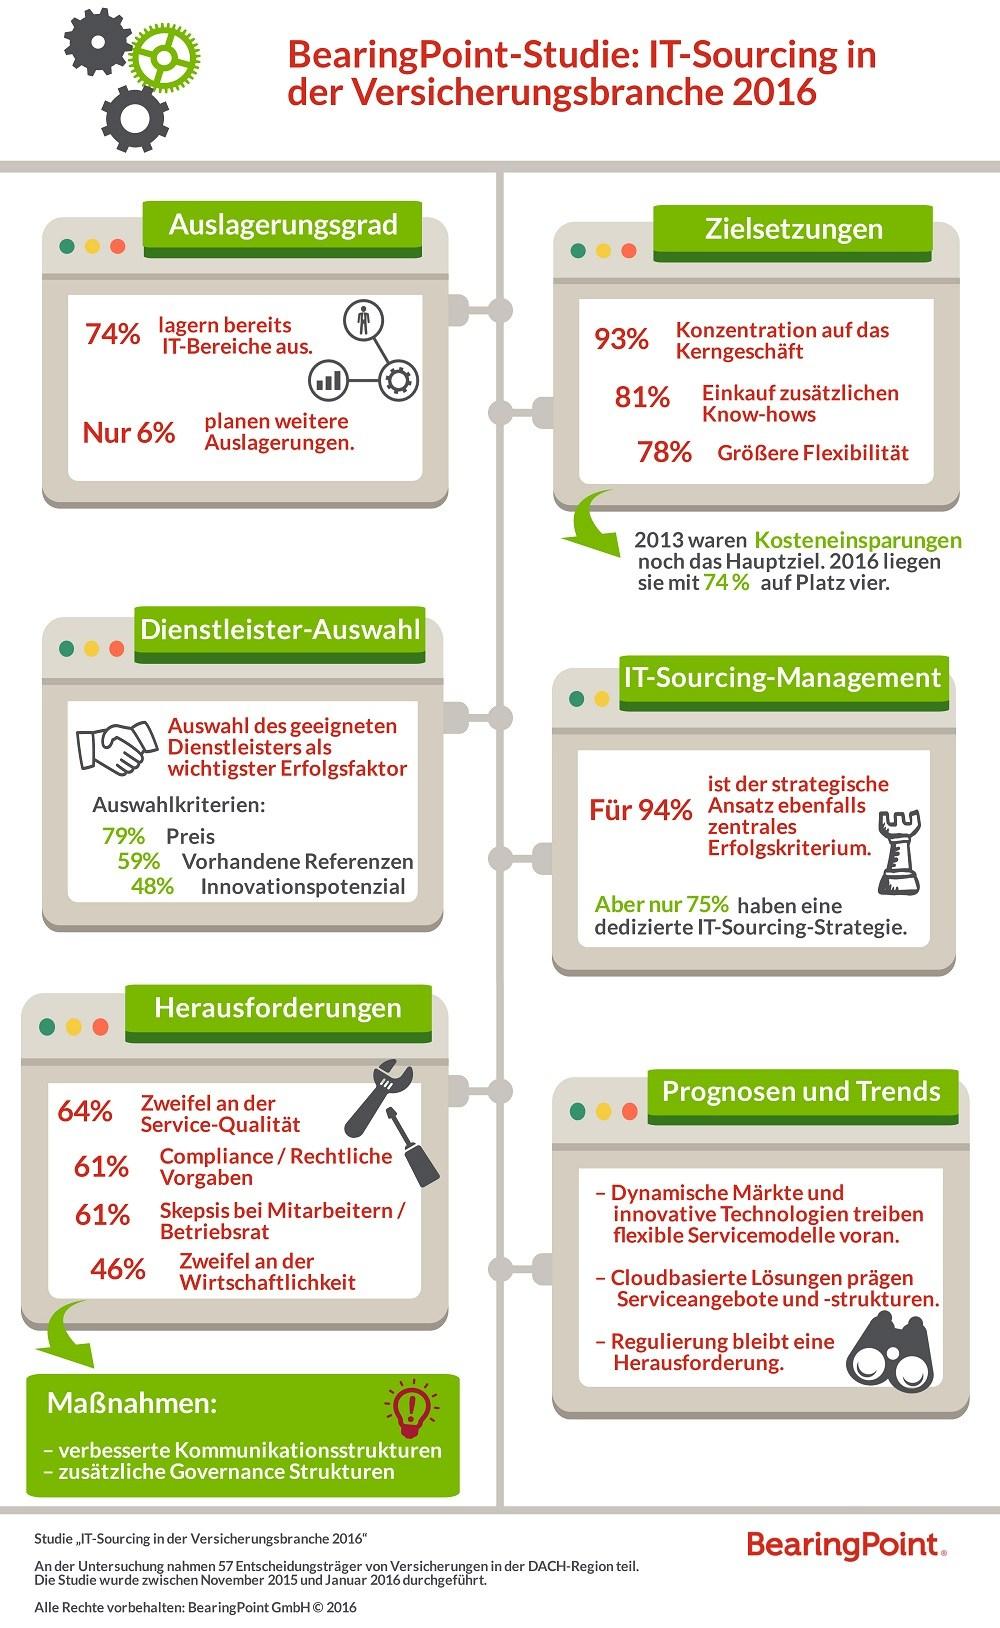 infografik bearingpoint it-sourcing in der versicherungsbranche_190516